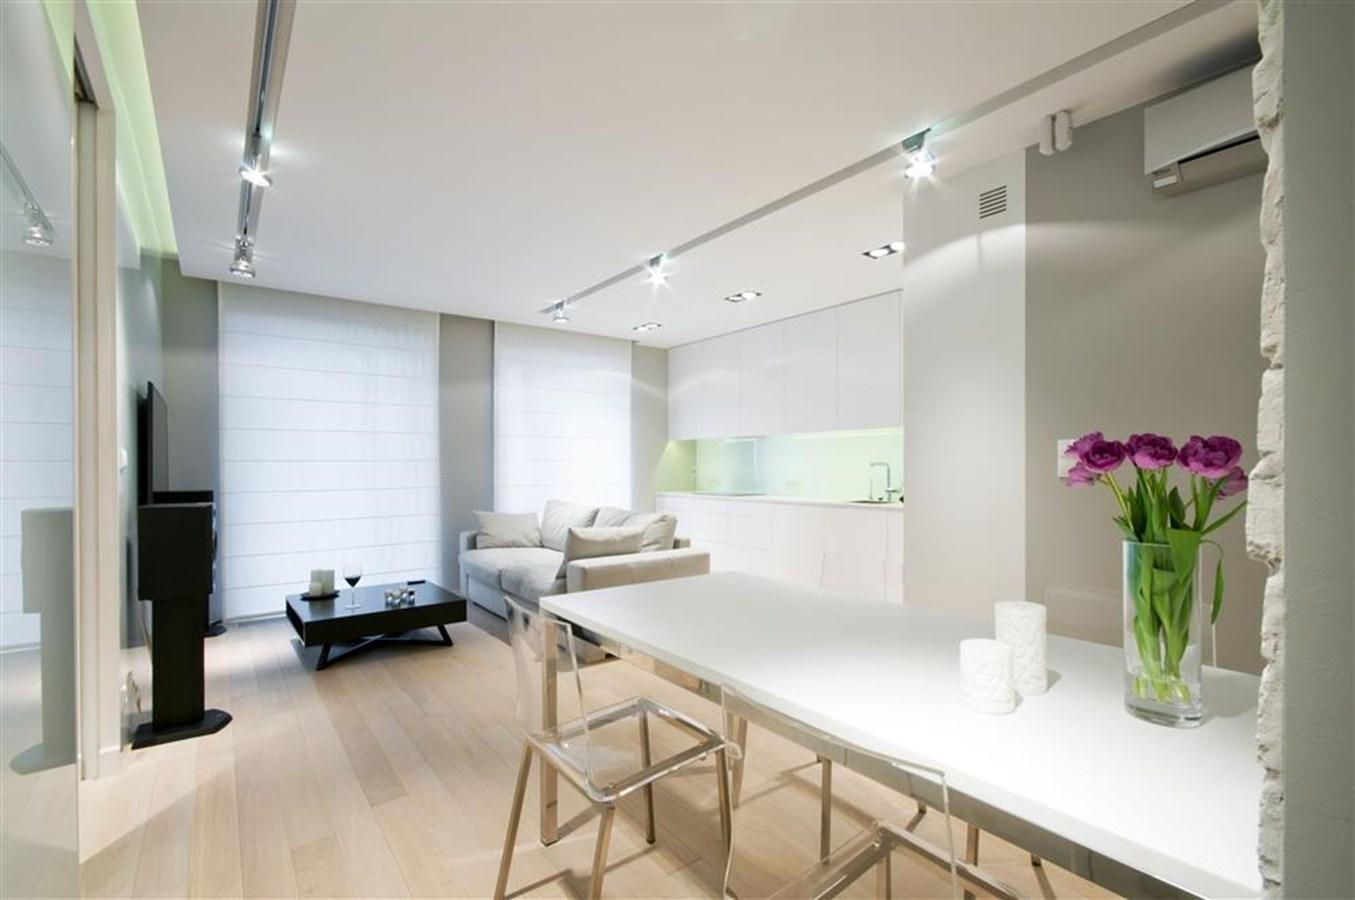 Salon połączony z kuchnią i jadalnią HOLA Design